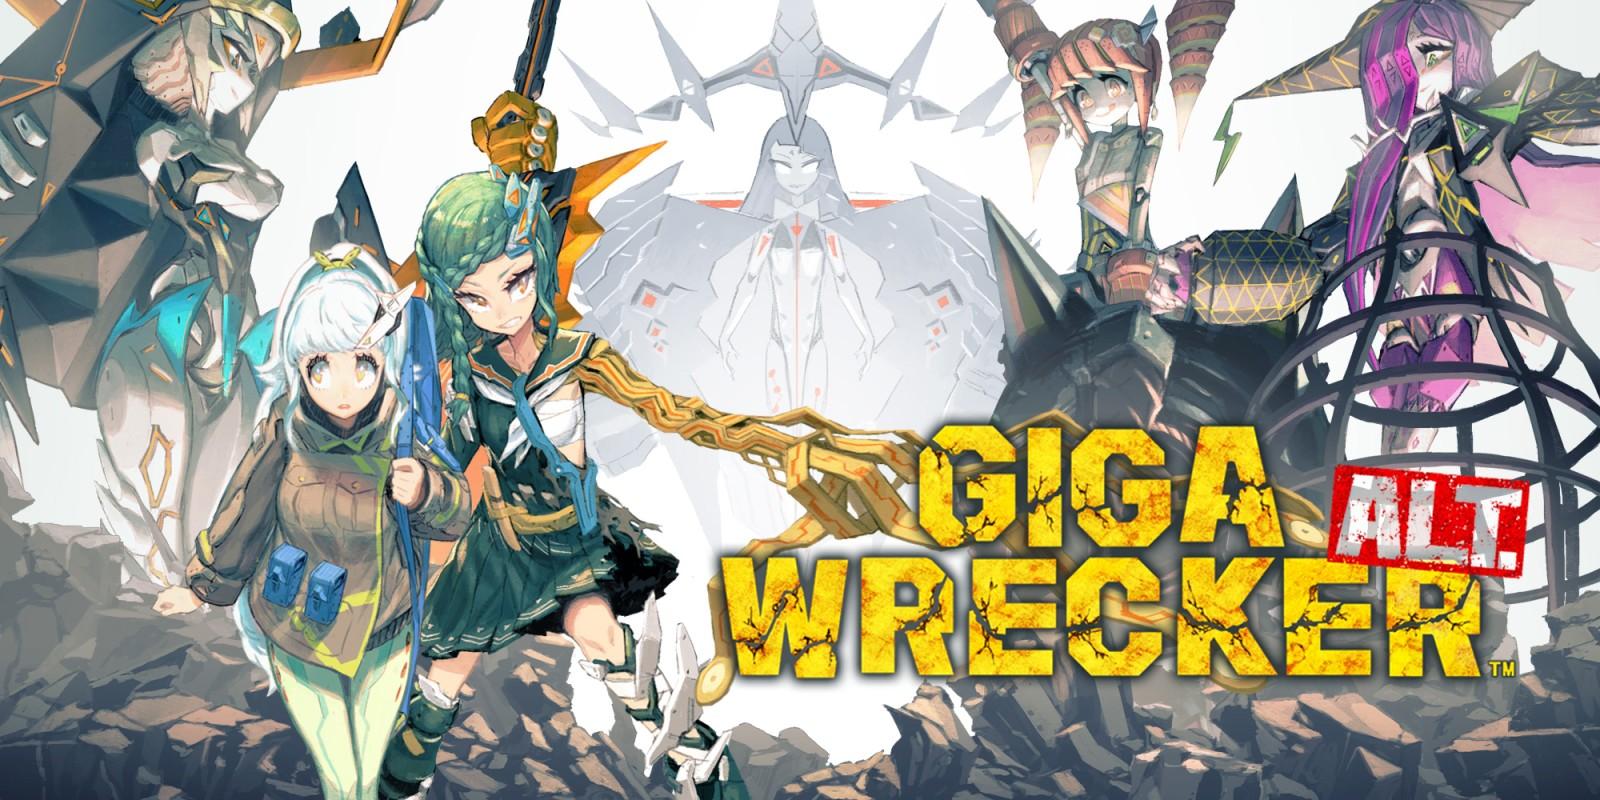 [Switch] Giga Wrecker Alt. sofre adiamento e agora chegará no final de 2019